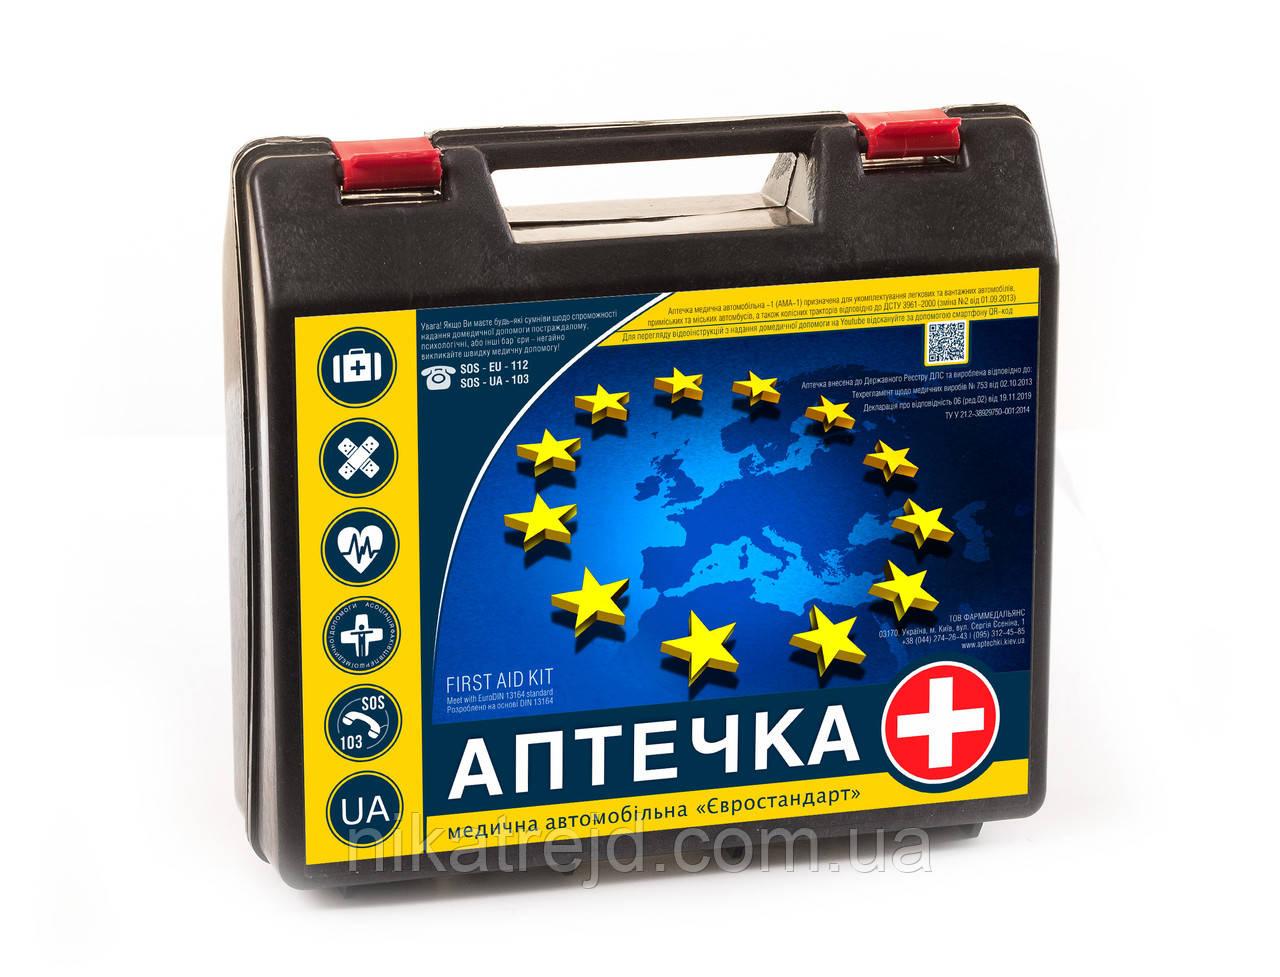 Аптечка «ЕВРОСТАНДАРТ» (Евро DIN + ТУ У )